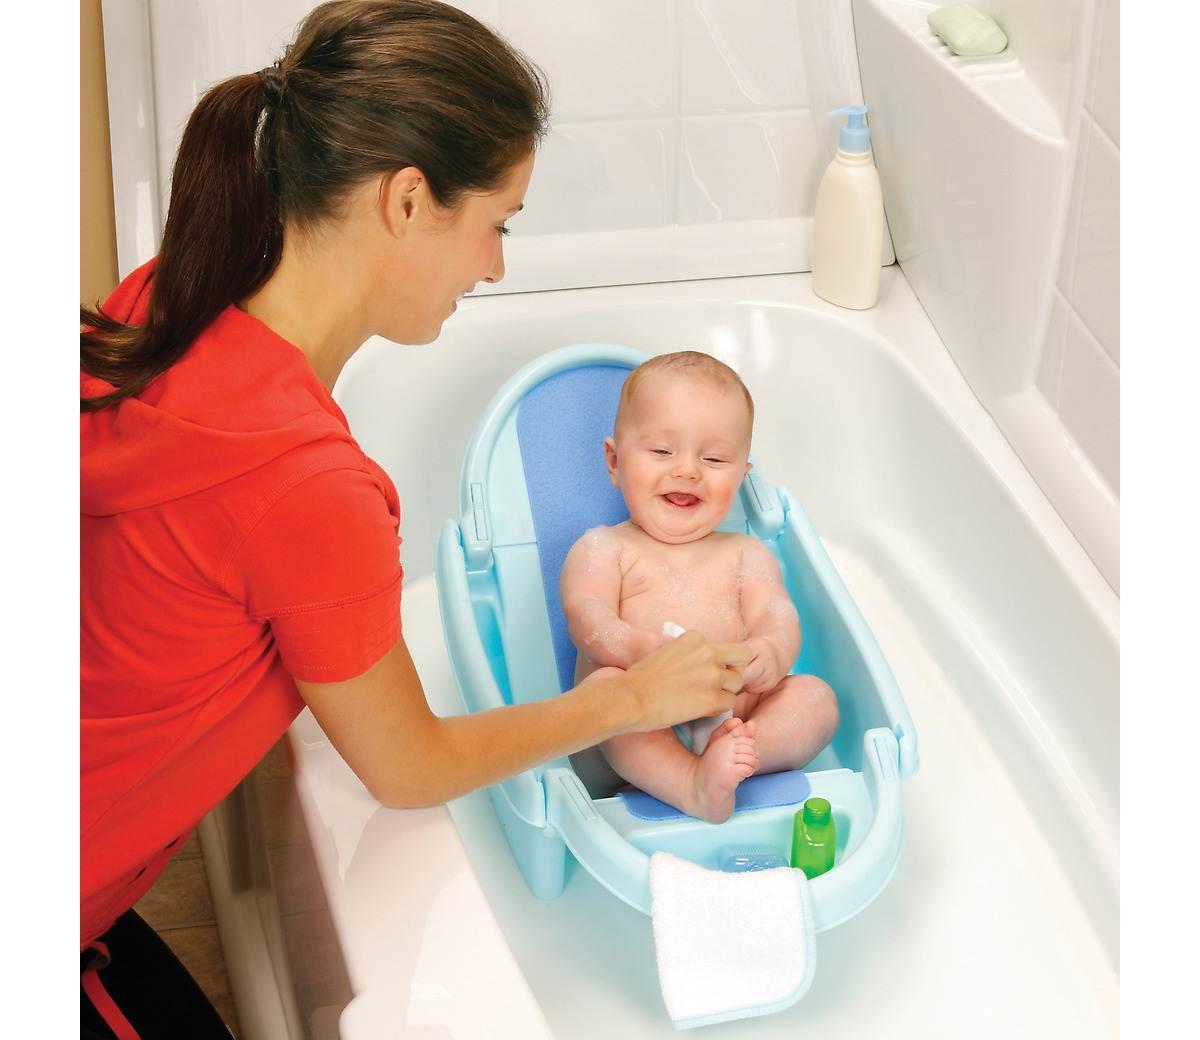 Banheira para bebê: como fazer uma boa compra : Mil dicas de mãe #B1211A 1200x1040 Banheiro Com Banheira Dimensões